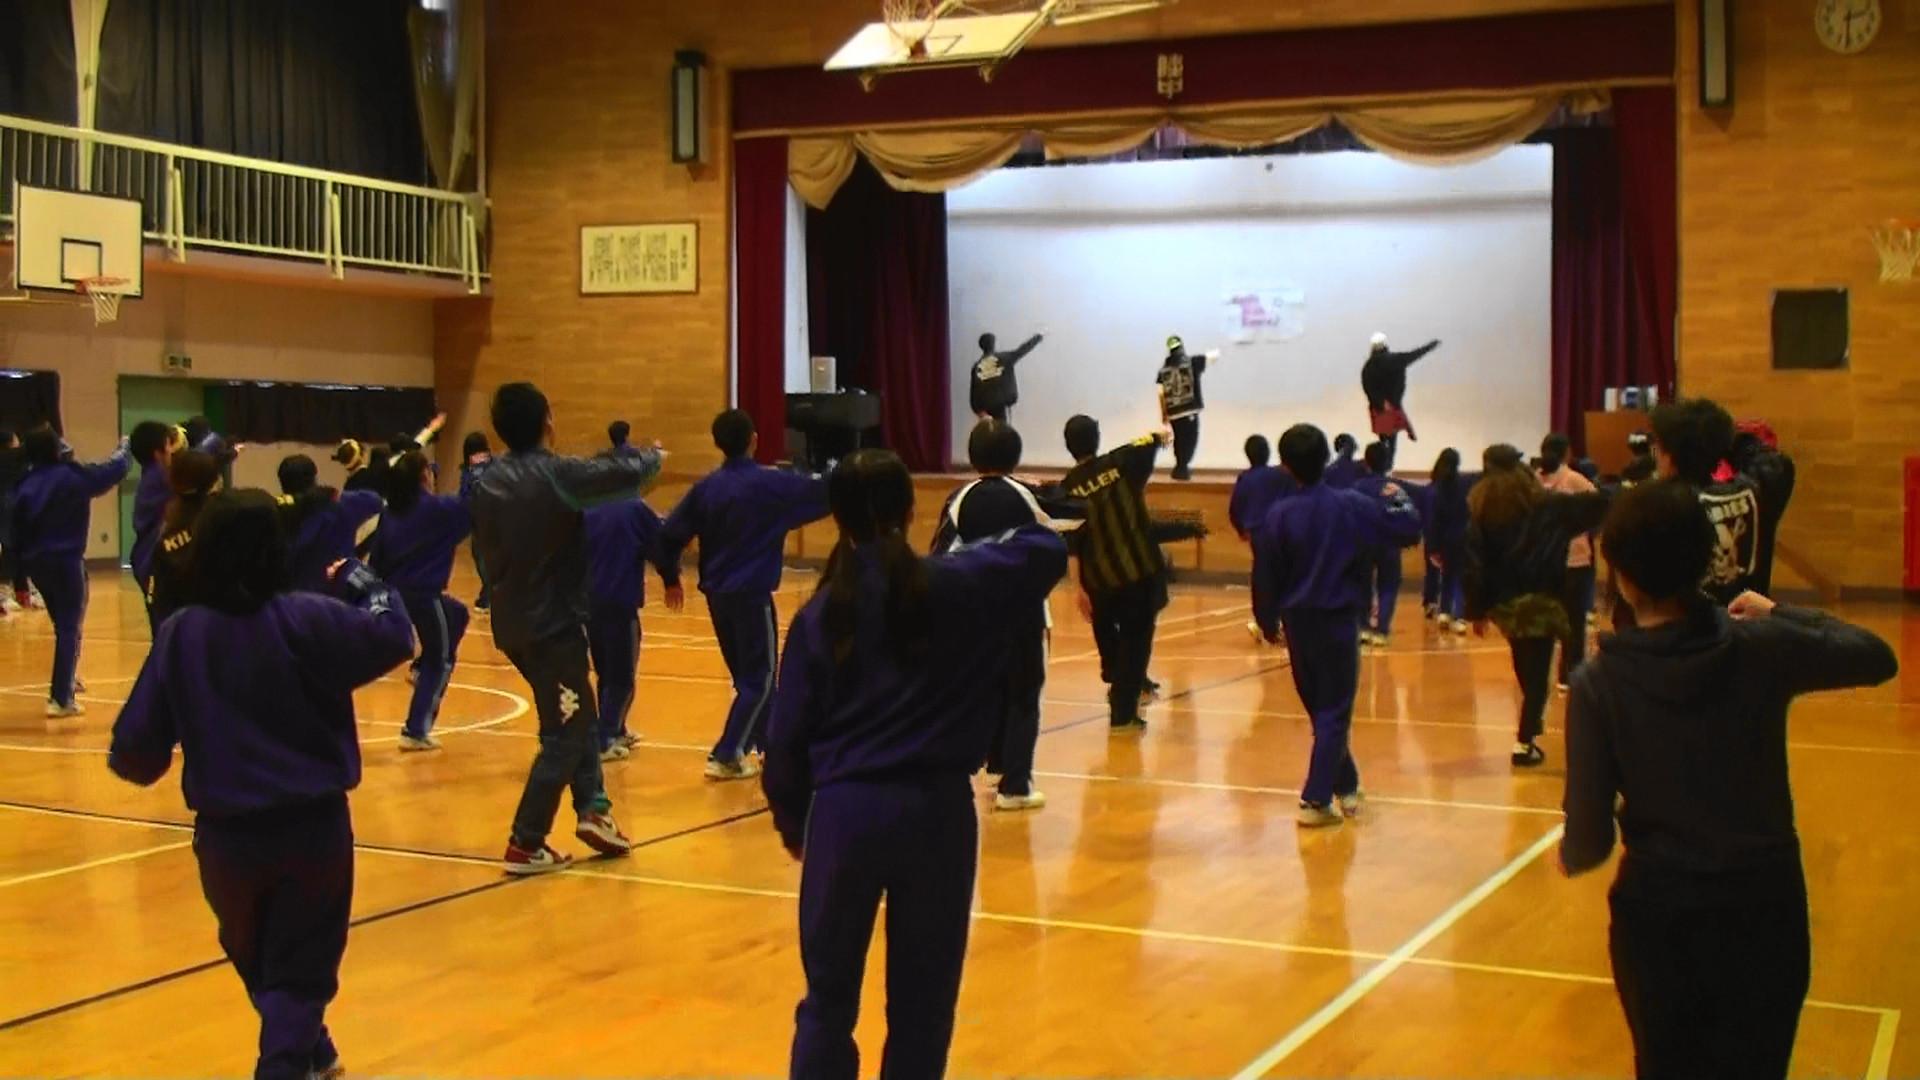 中学校ダンス指導支援 | 株式会社オフィスC・E・R